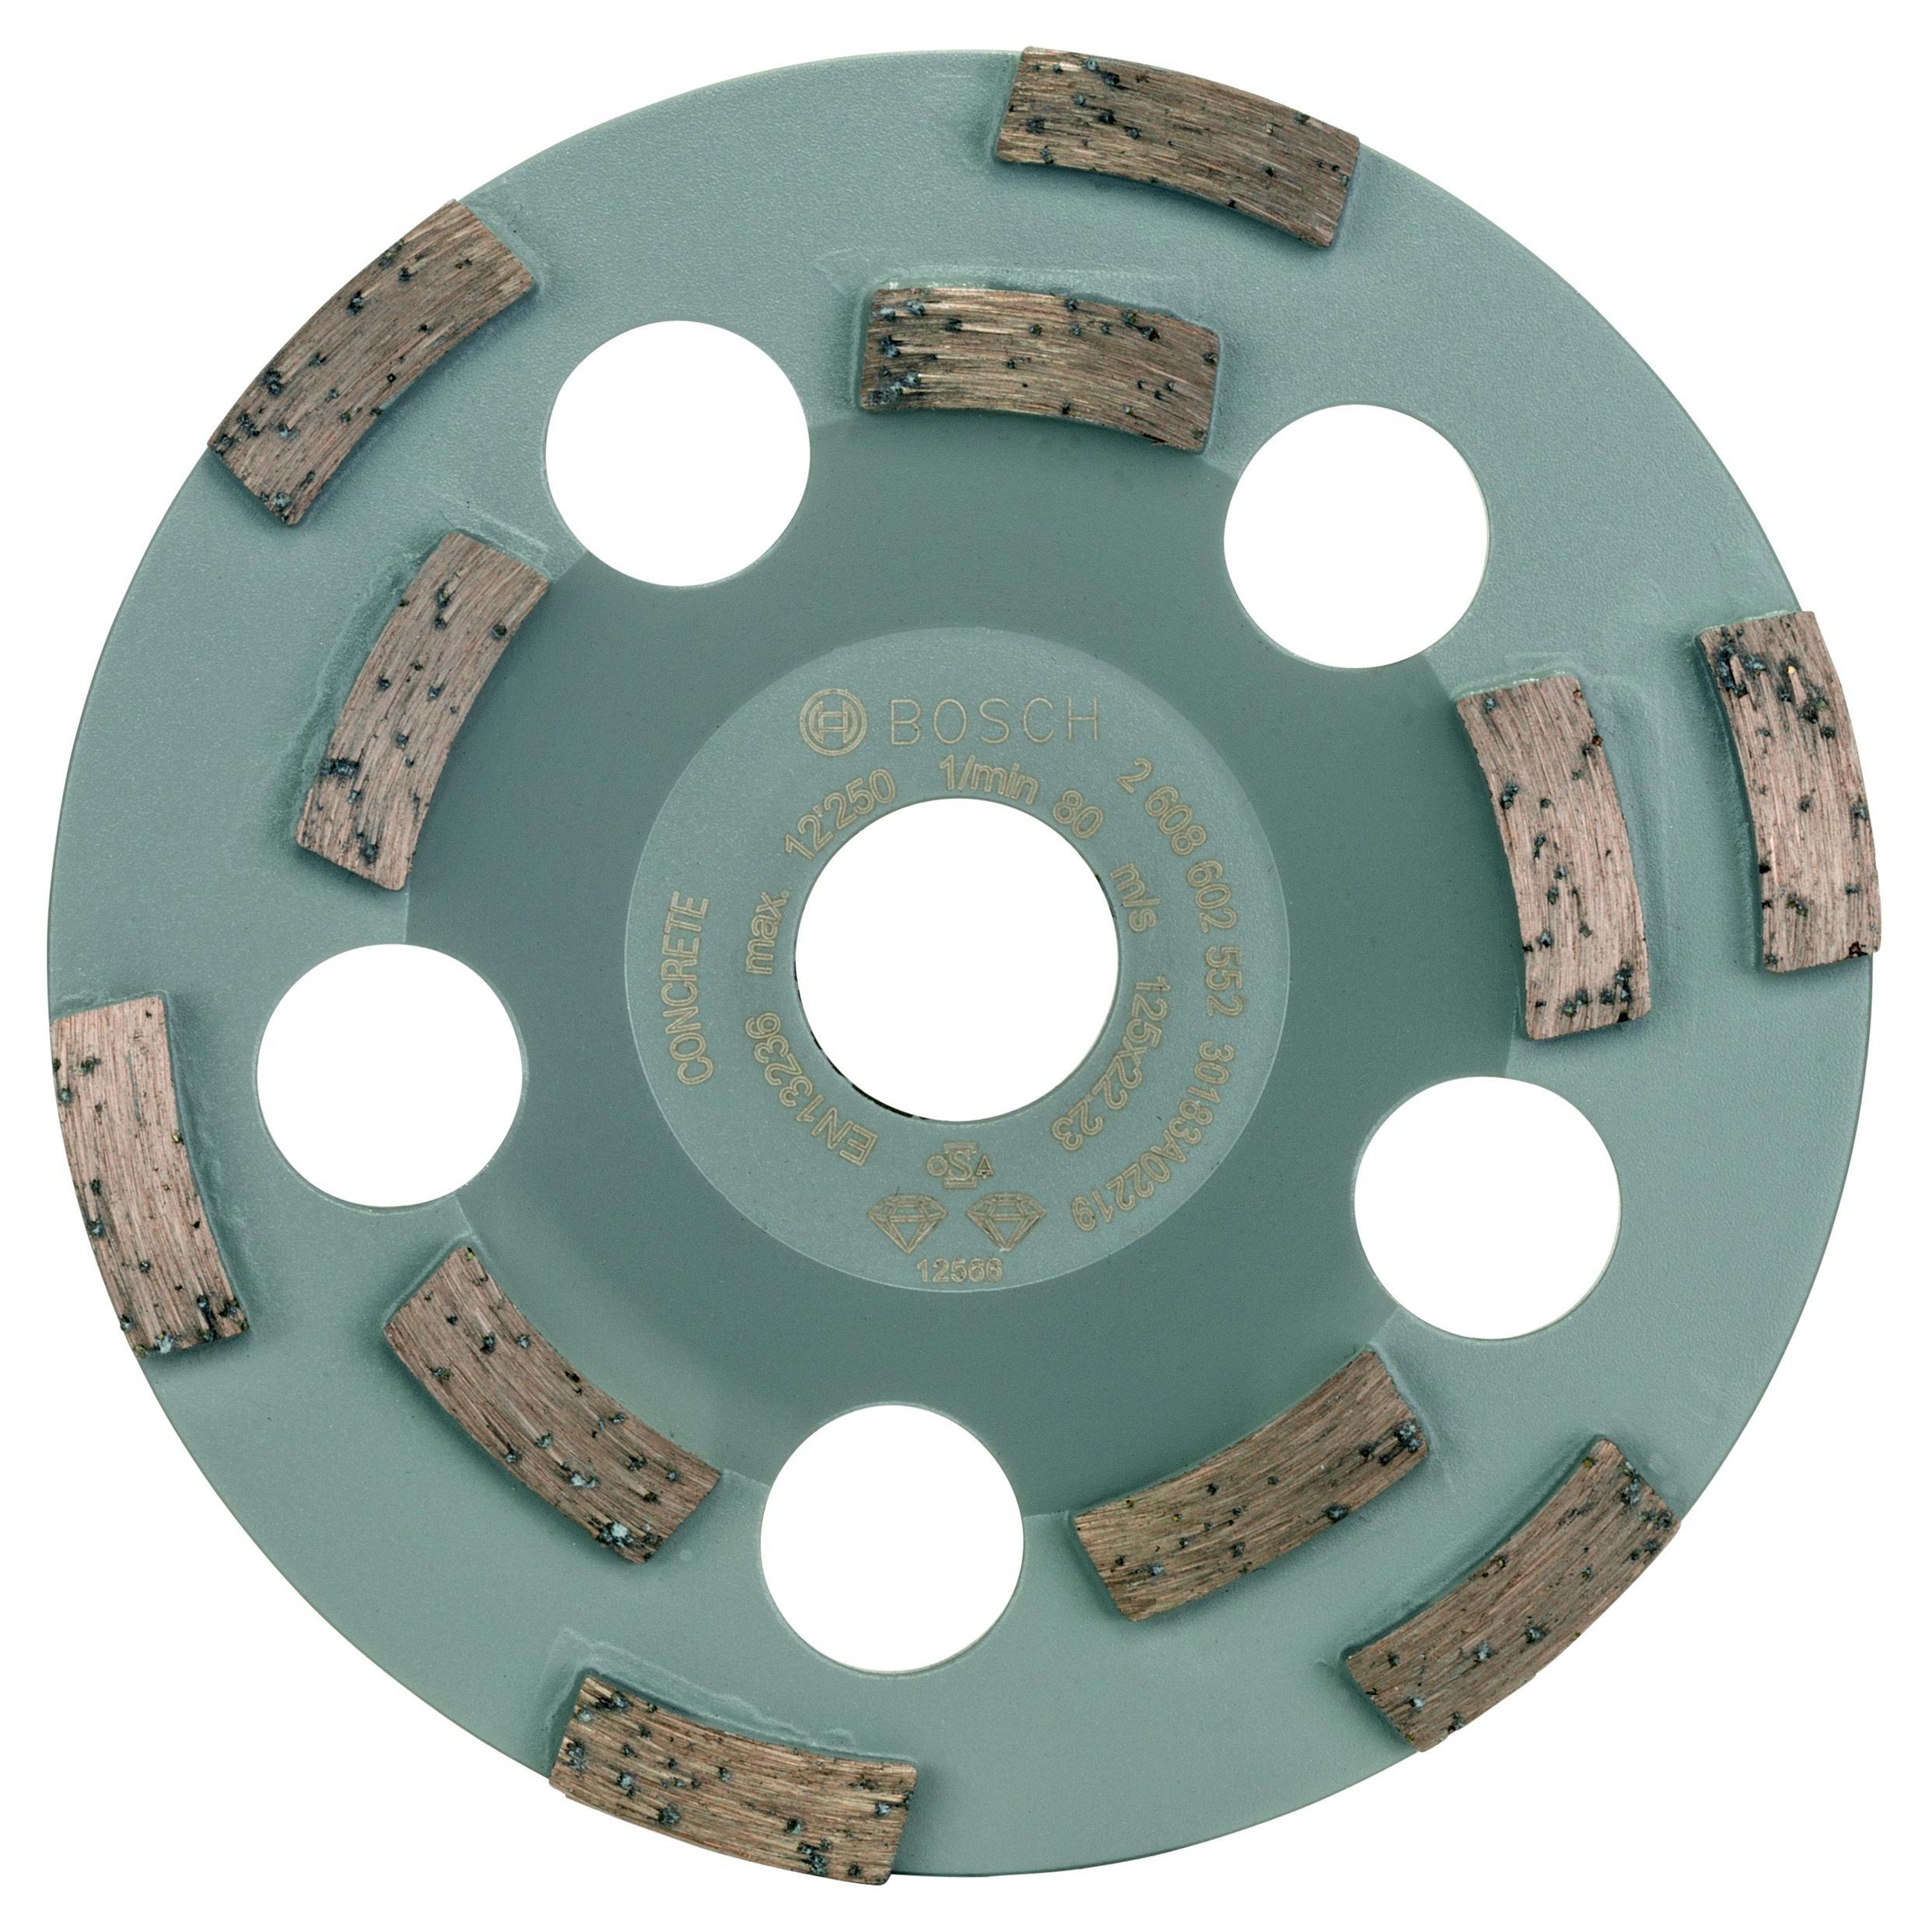 Фото - Чашка шлифовальная Bosch Expert for concrete 125x22 (2.608.602.552) [супермаркет] jingdong геб scybe фил приблизительно круглая чашка установлена в вертикальном положении стеклянной чашки 290мла 6 z